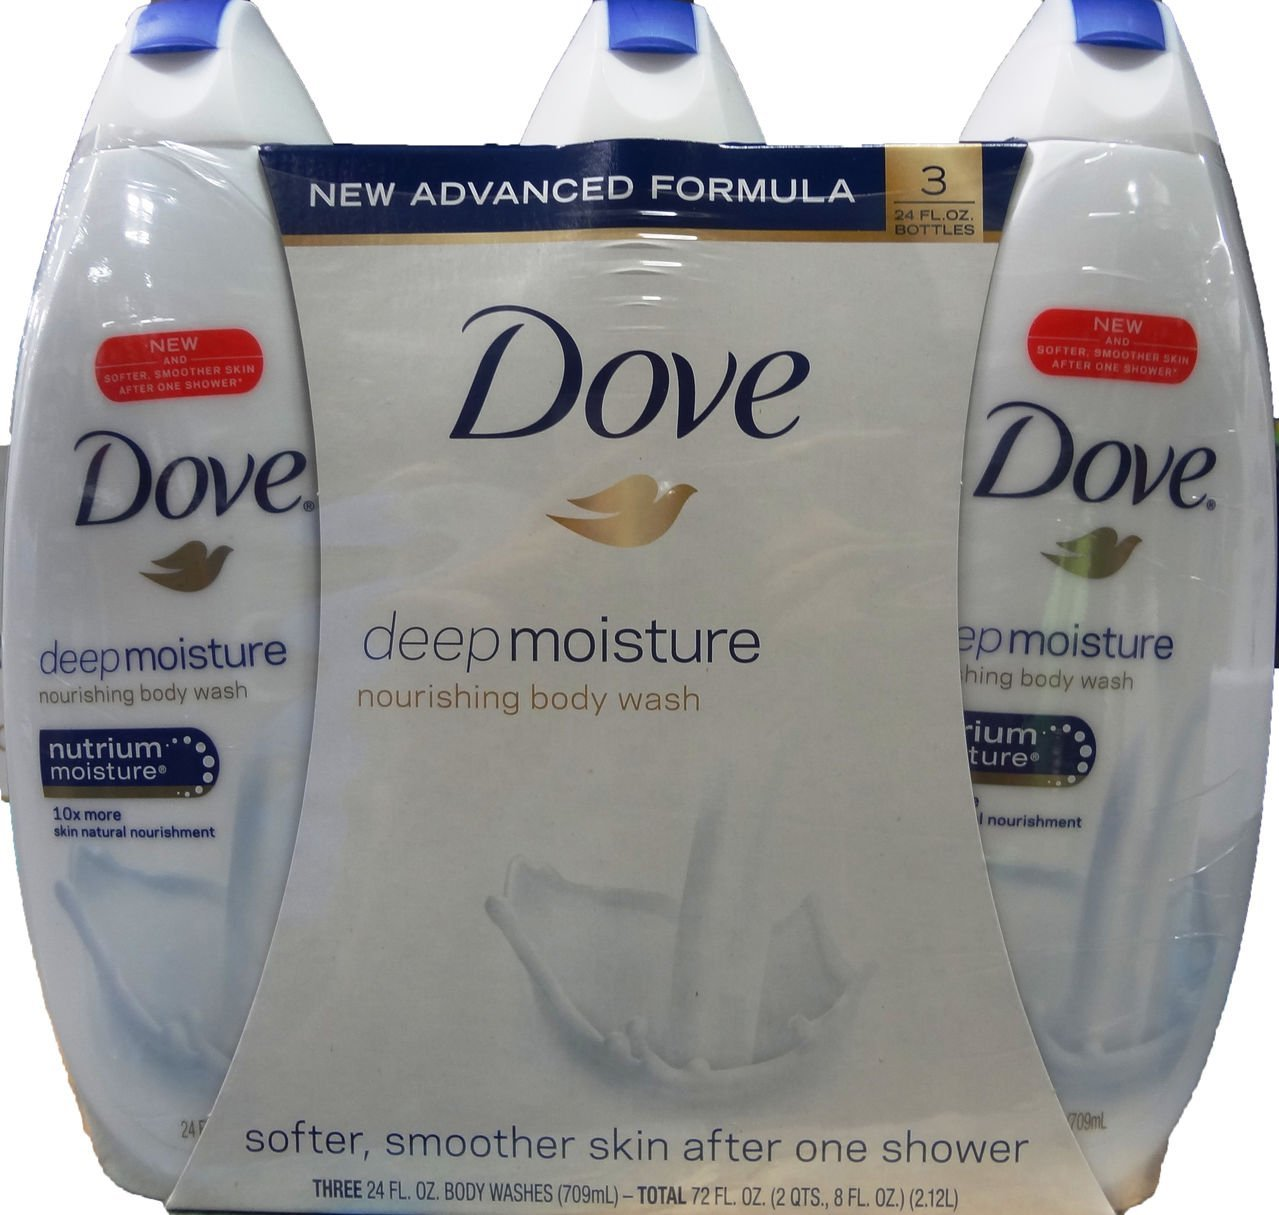 Dove Deep Moisture 3-24 FL OZ Nourishing Body Wash, 72 FL OZ